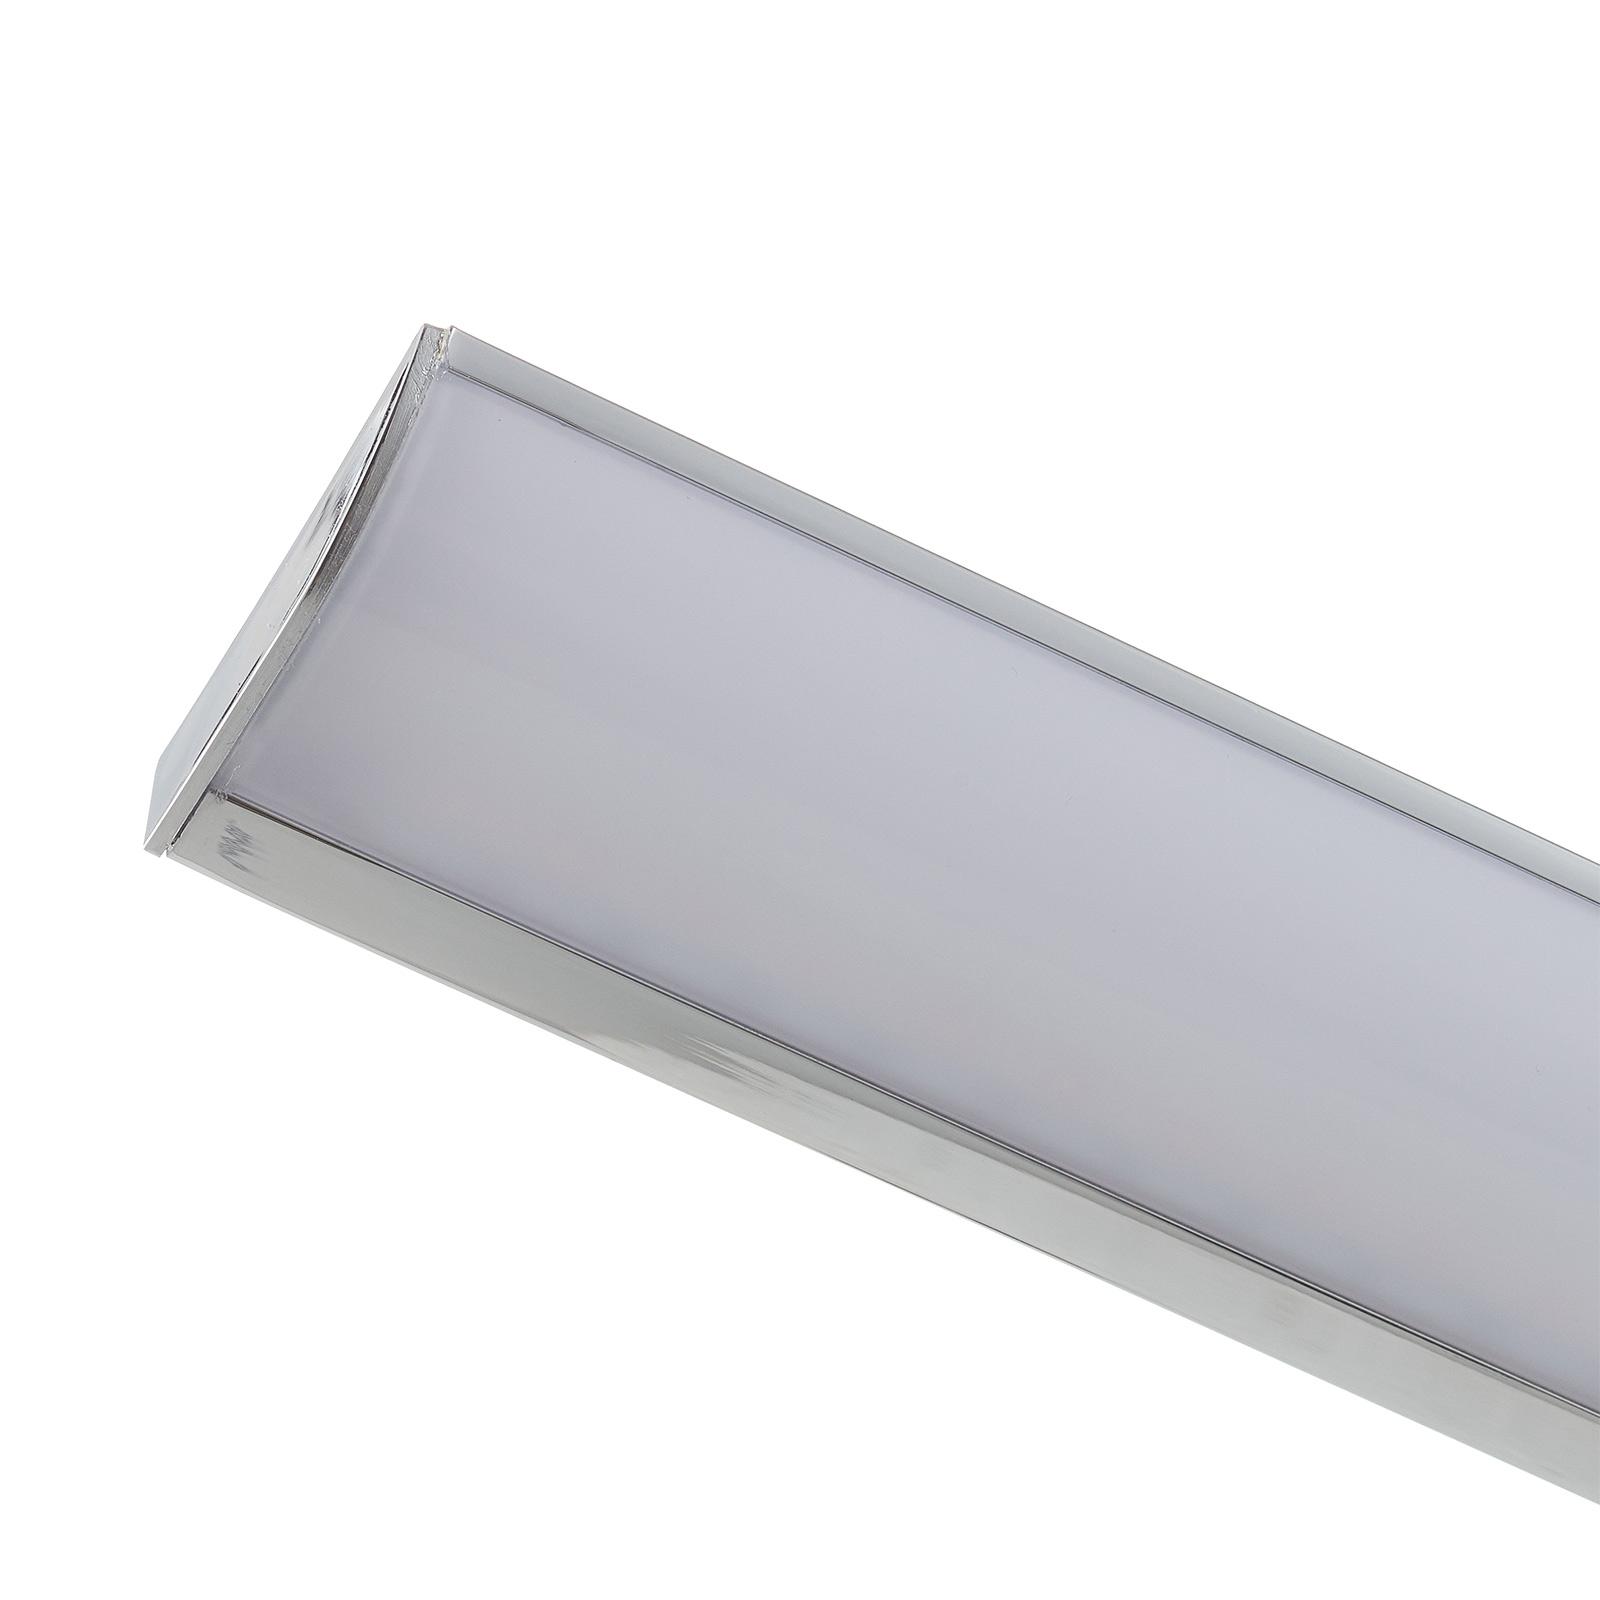 EGLO connect Tabiano-C applique miroir LED 60,5cm